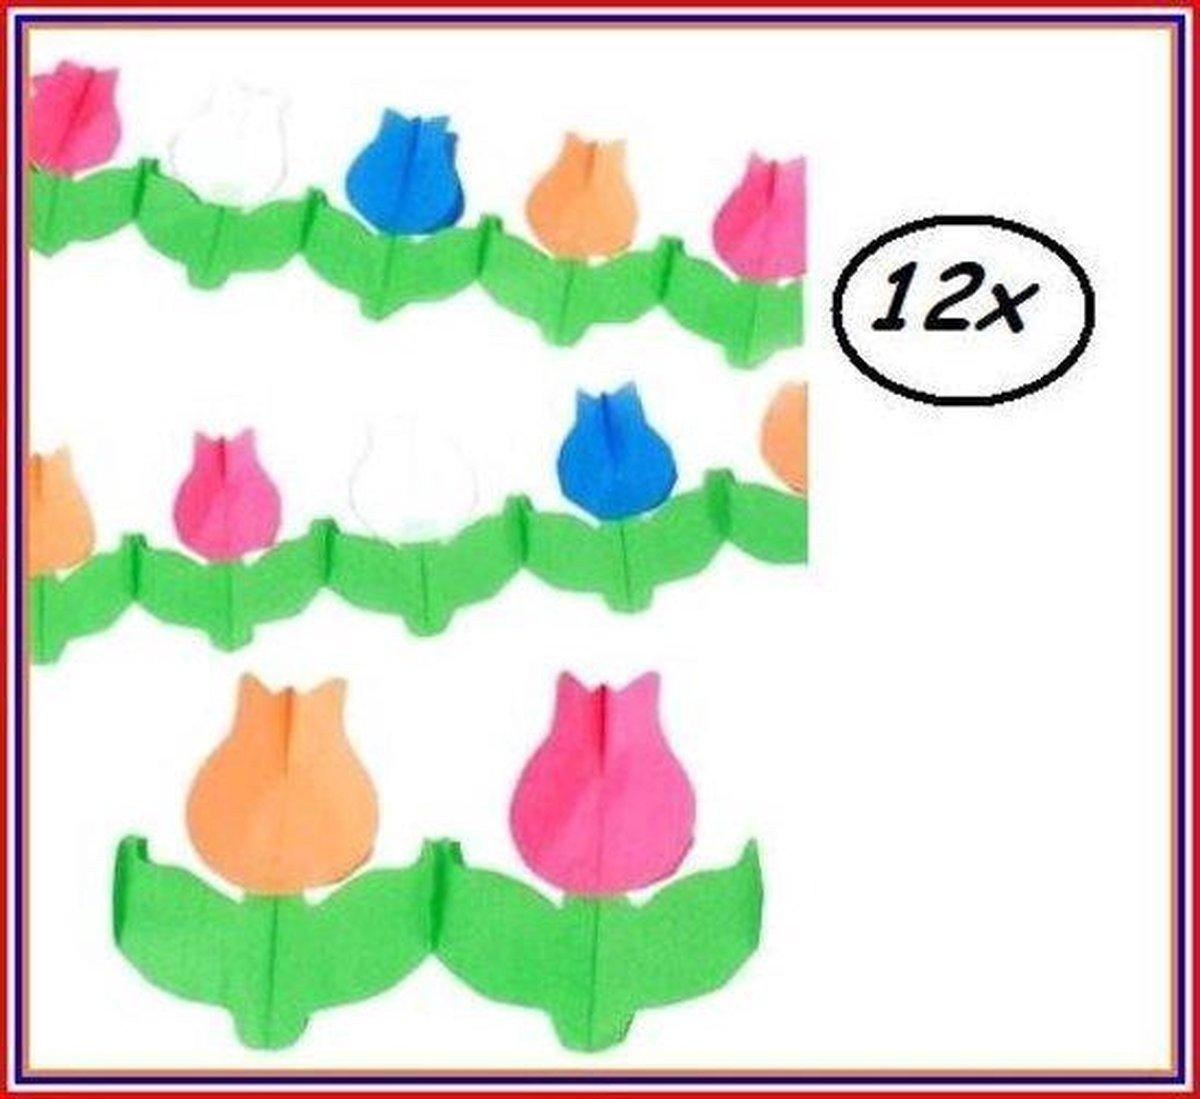 12x Bloemen Guirlande Tulp Hollands Glorie